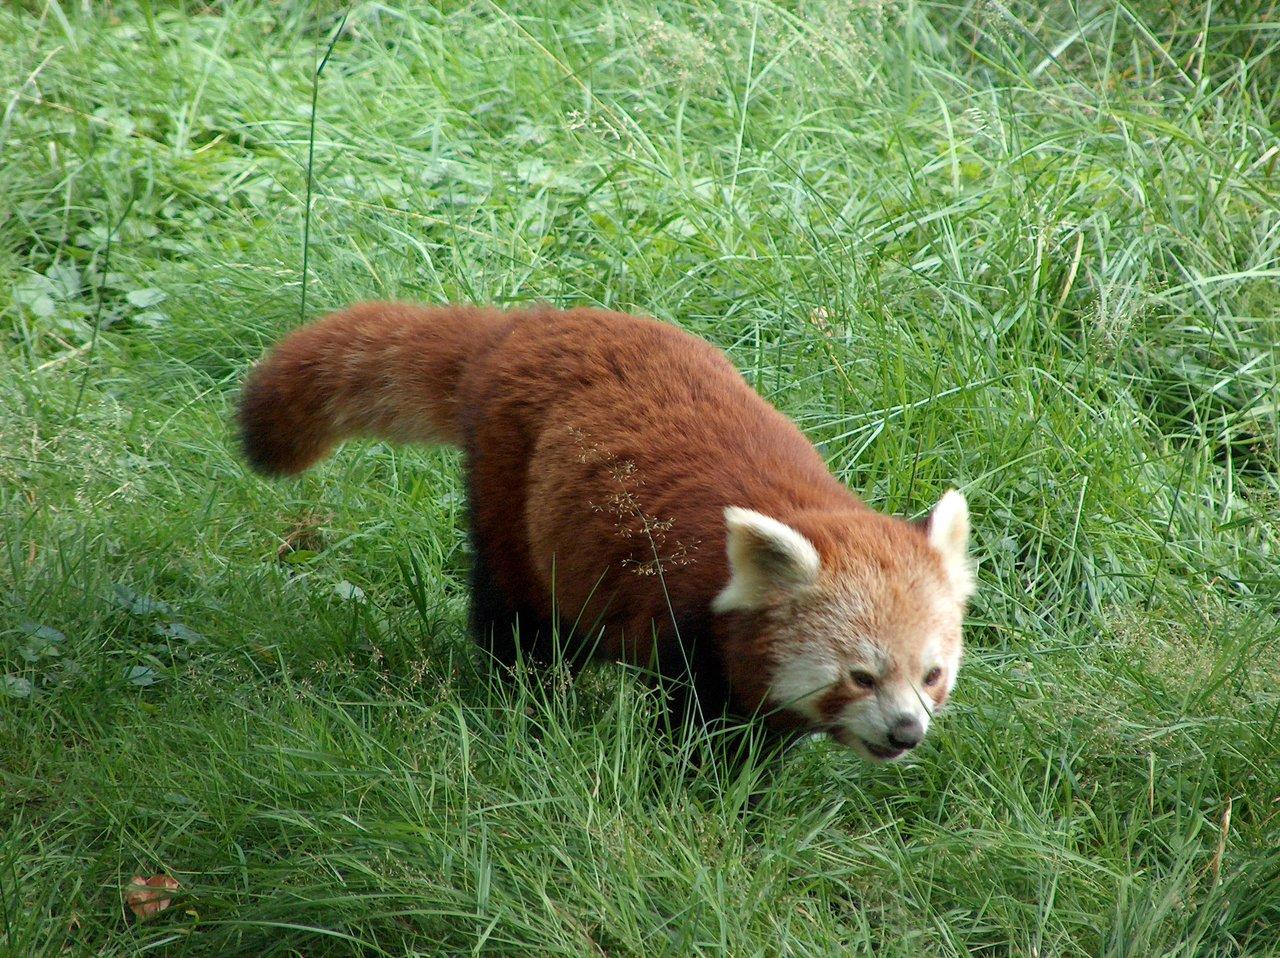 Ein Kleiner Panda, manchmal auch Firefox genannt